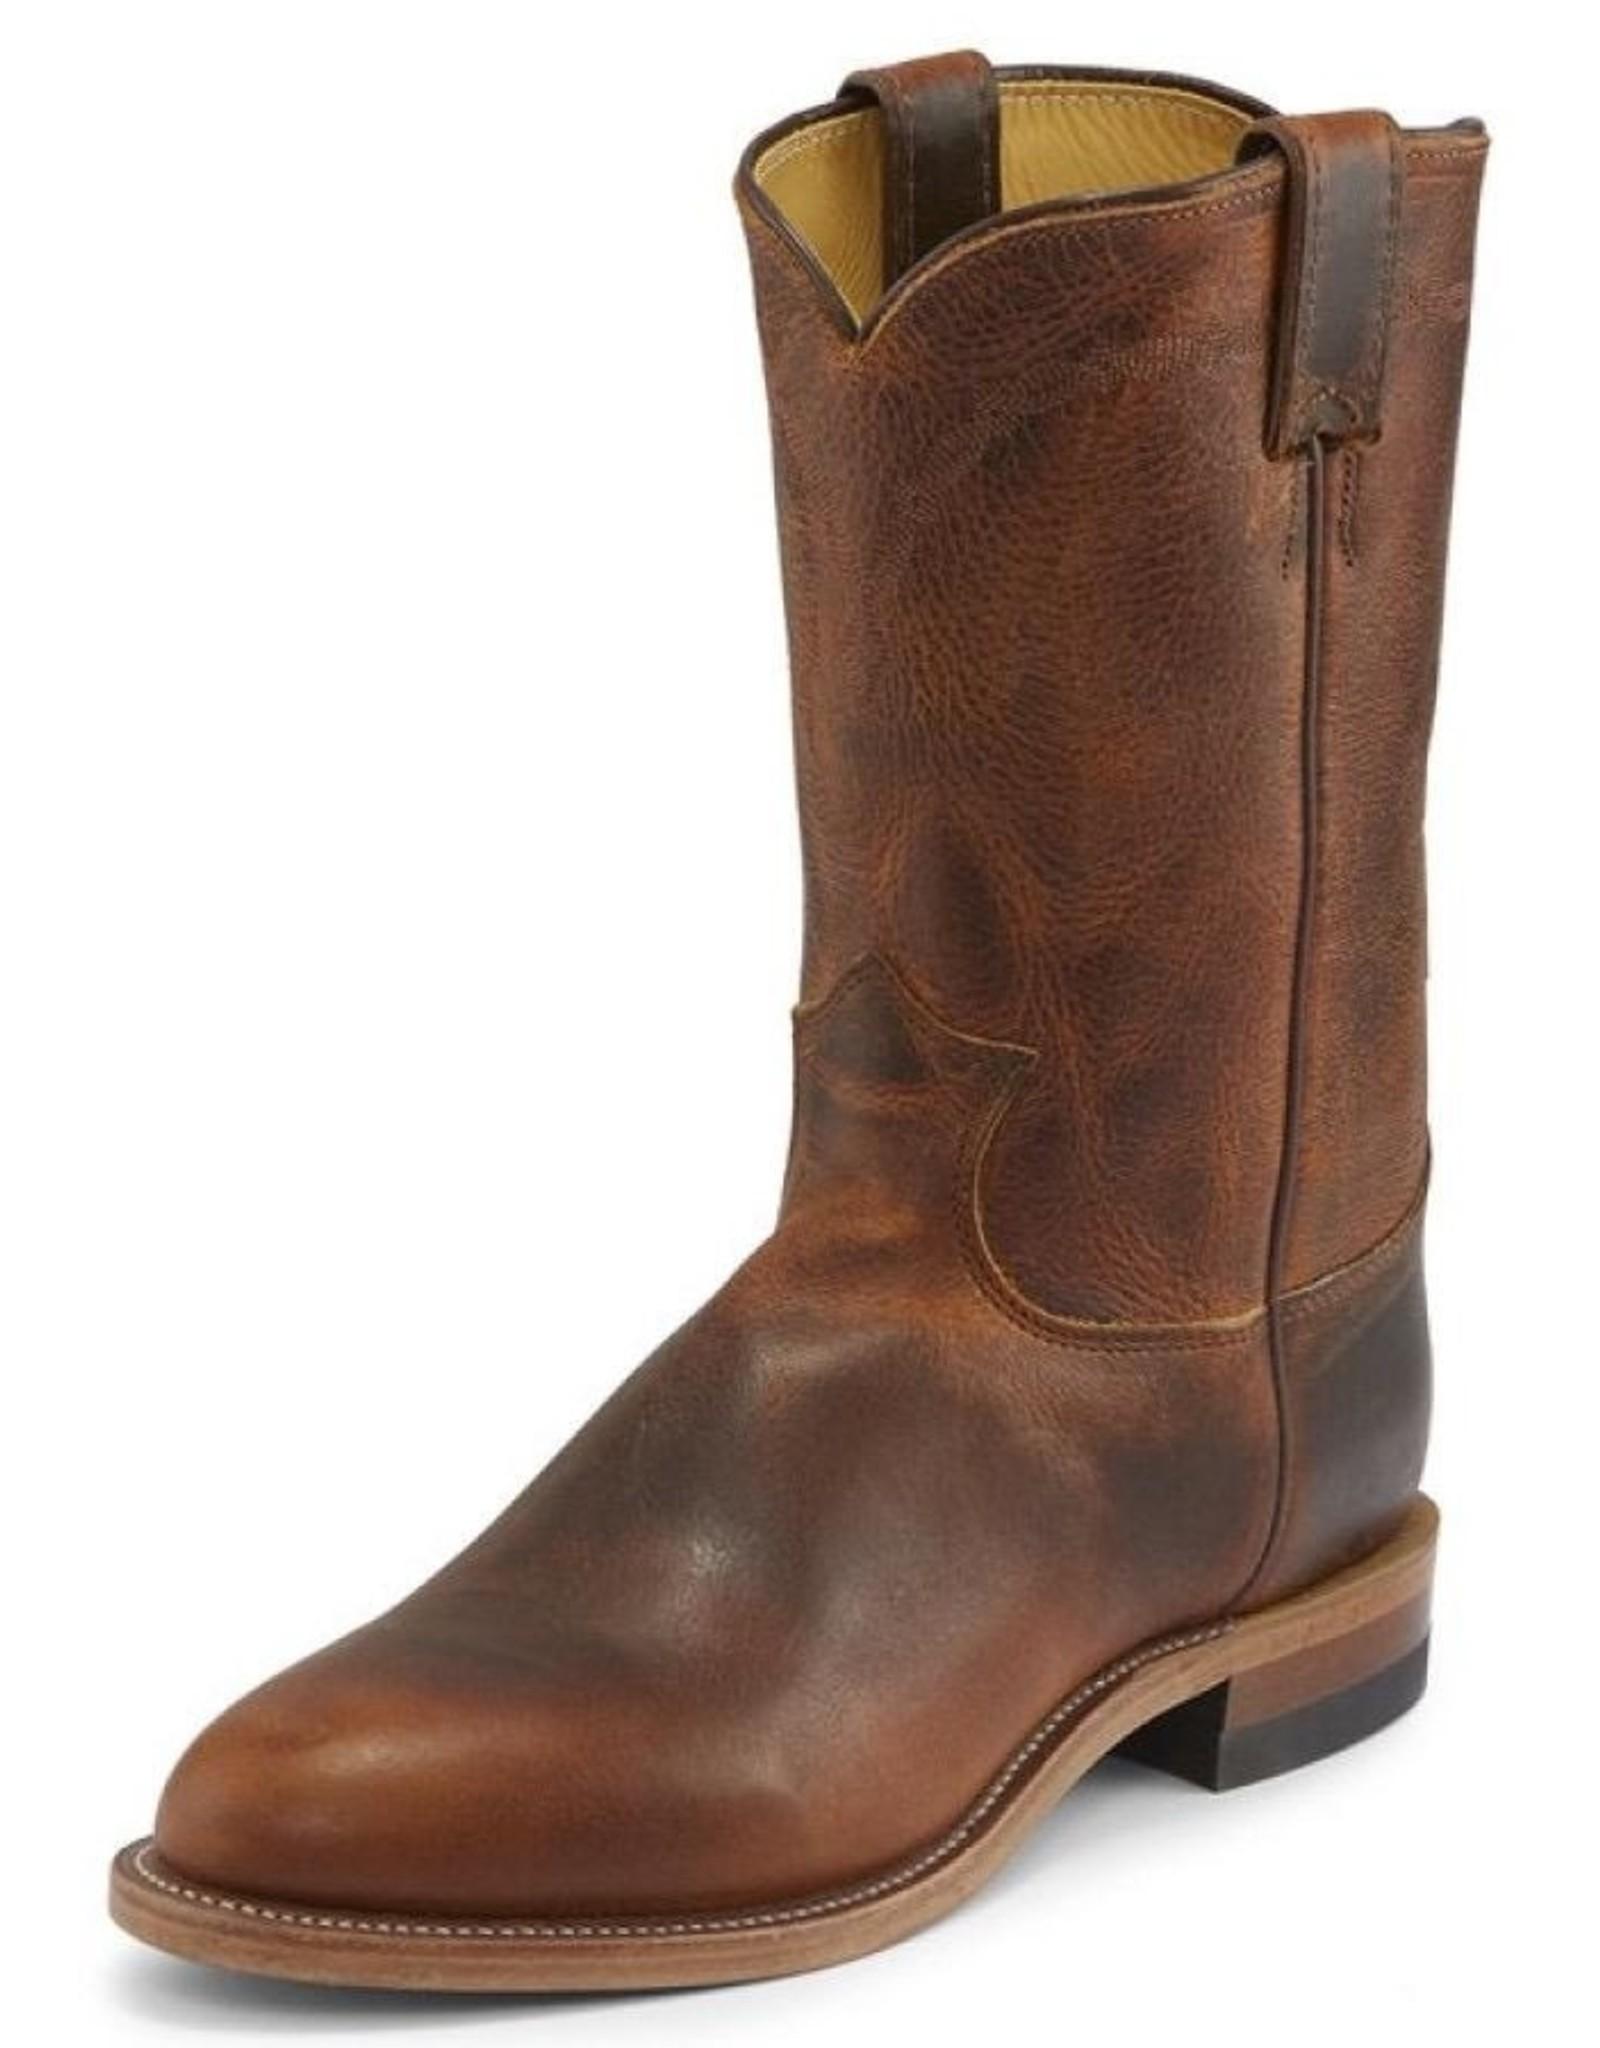 Boots-Men JUSTIN 3236  Brock Butterscotch Roper